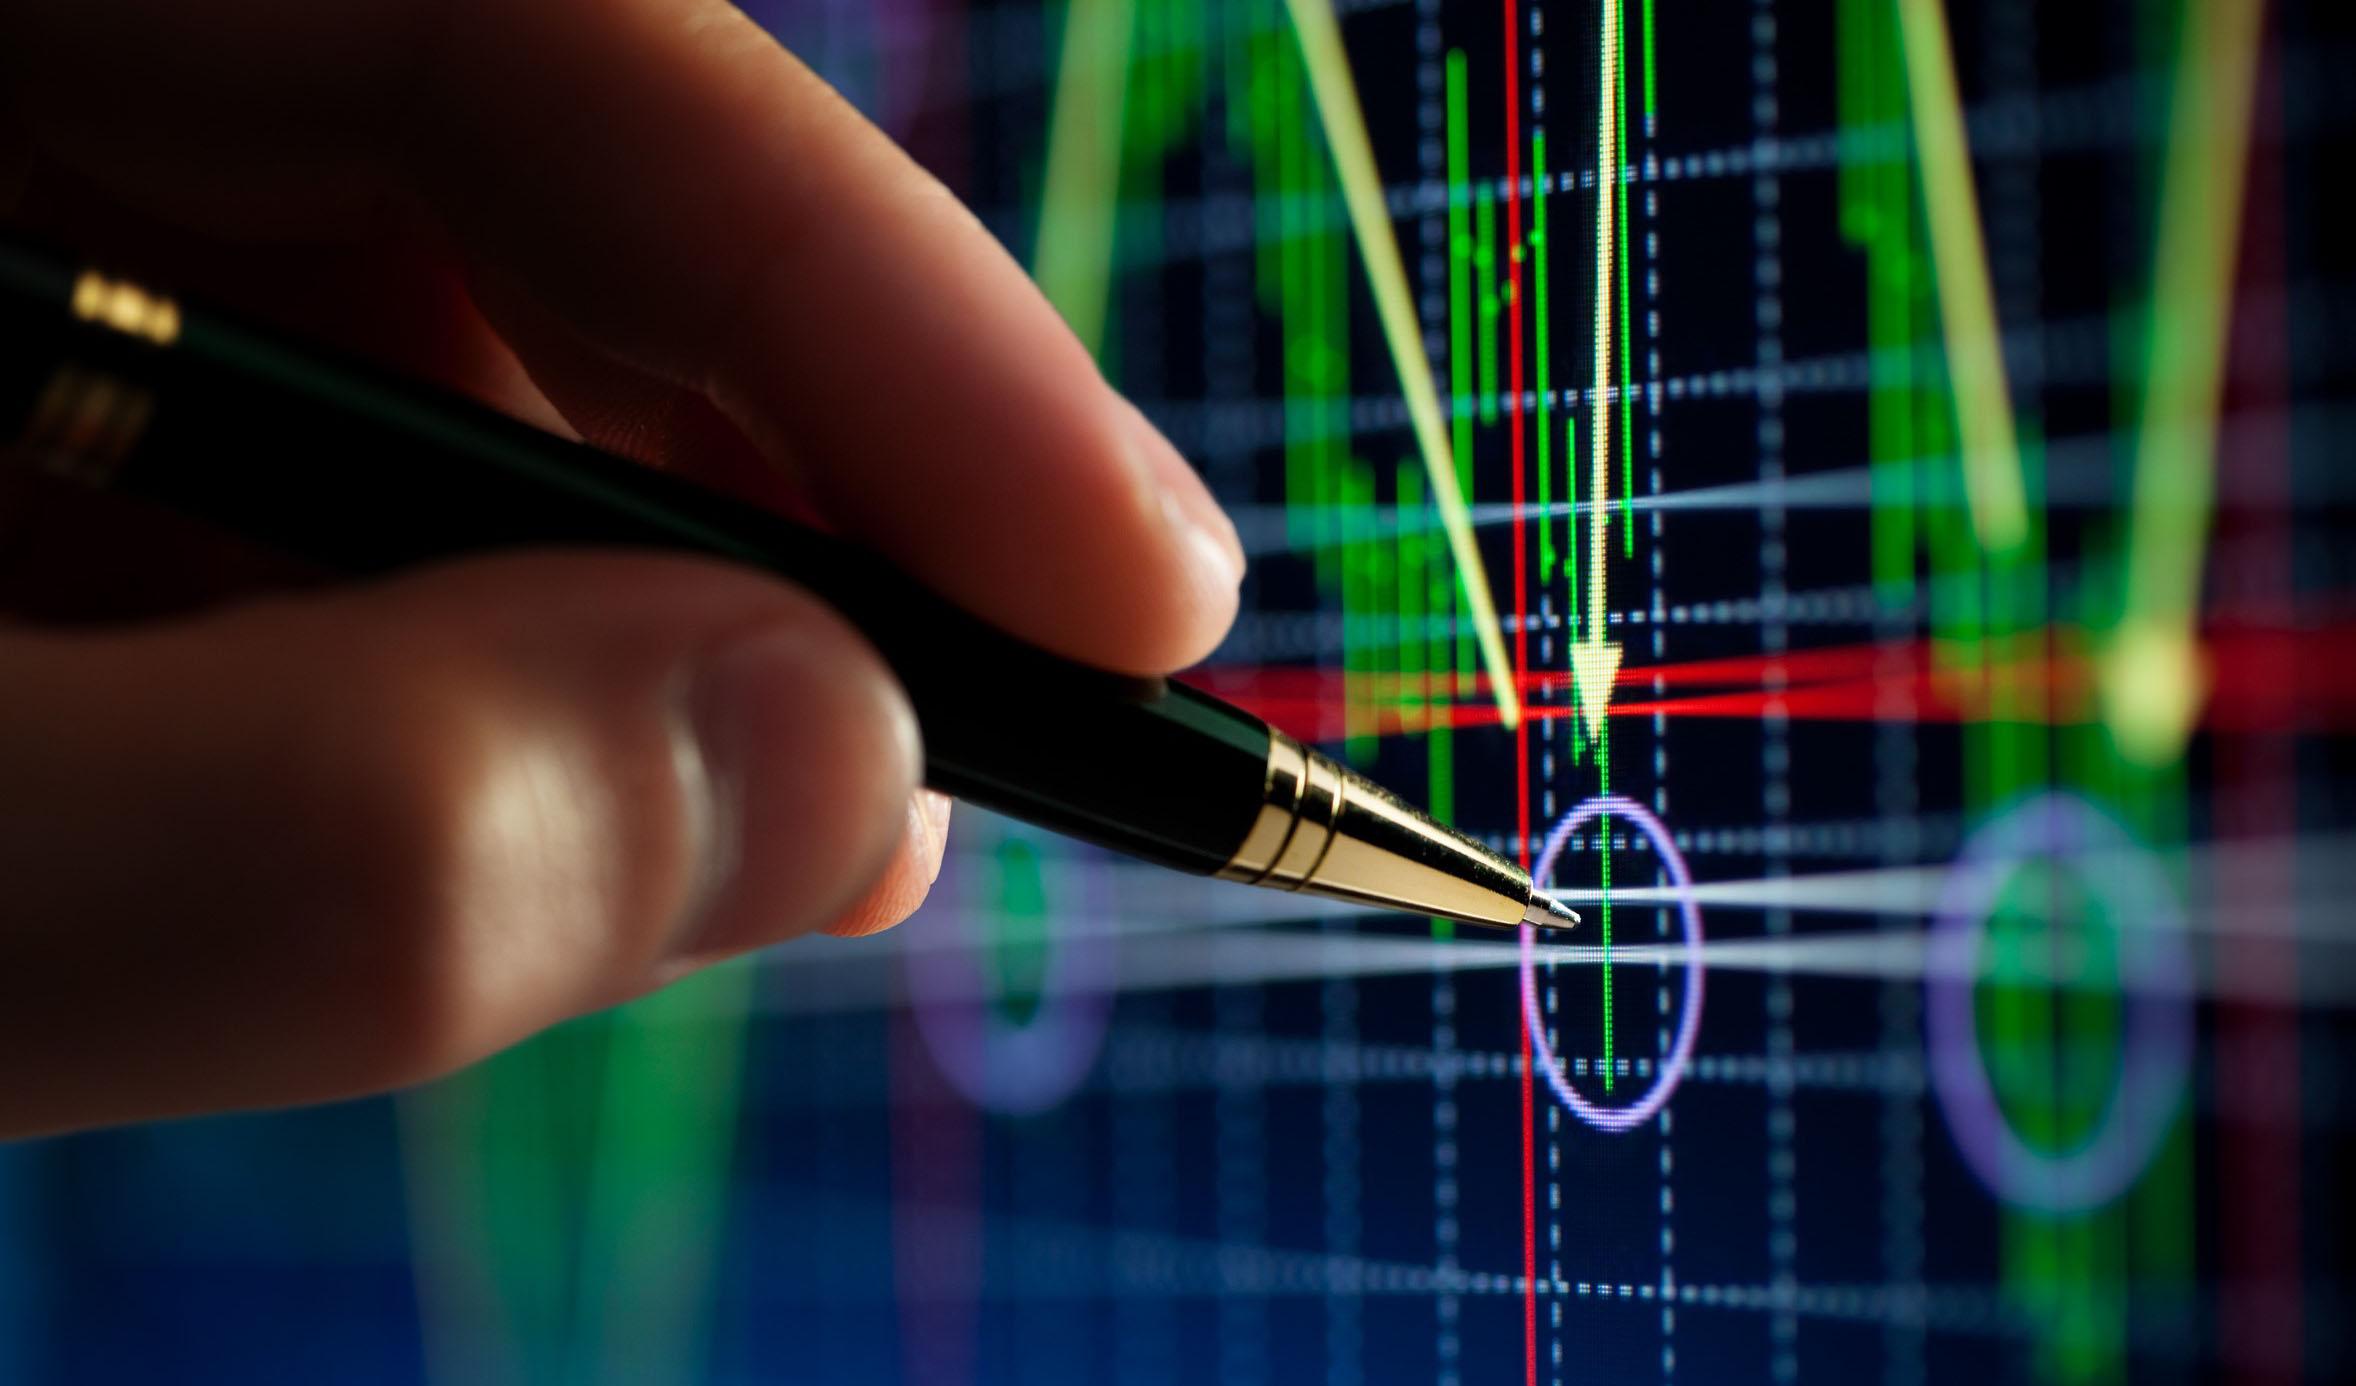 وضعیت بازدهی 20 ساله بازار سرمایه / سرنوشت بورس در نیمه دوم سال